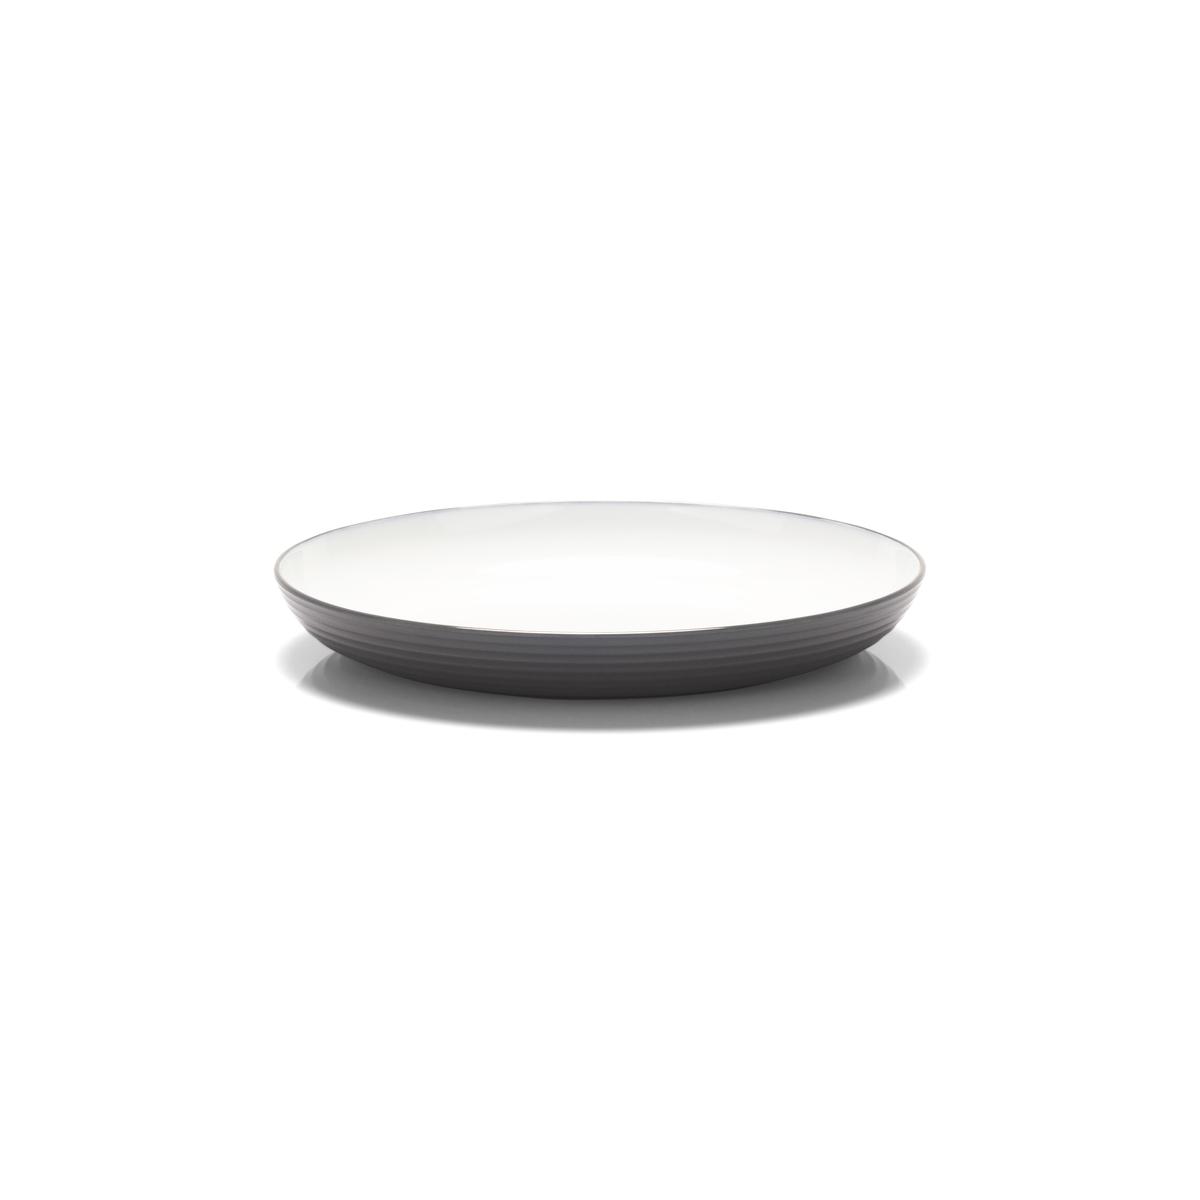 Assiette plate ronde blanc mélamine Ø 22 cm Wave Platex